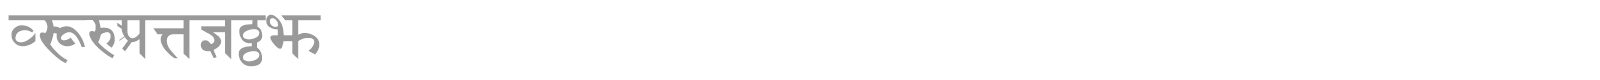 Download Free Font Sanskrit